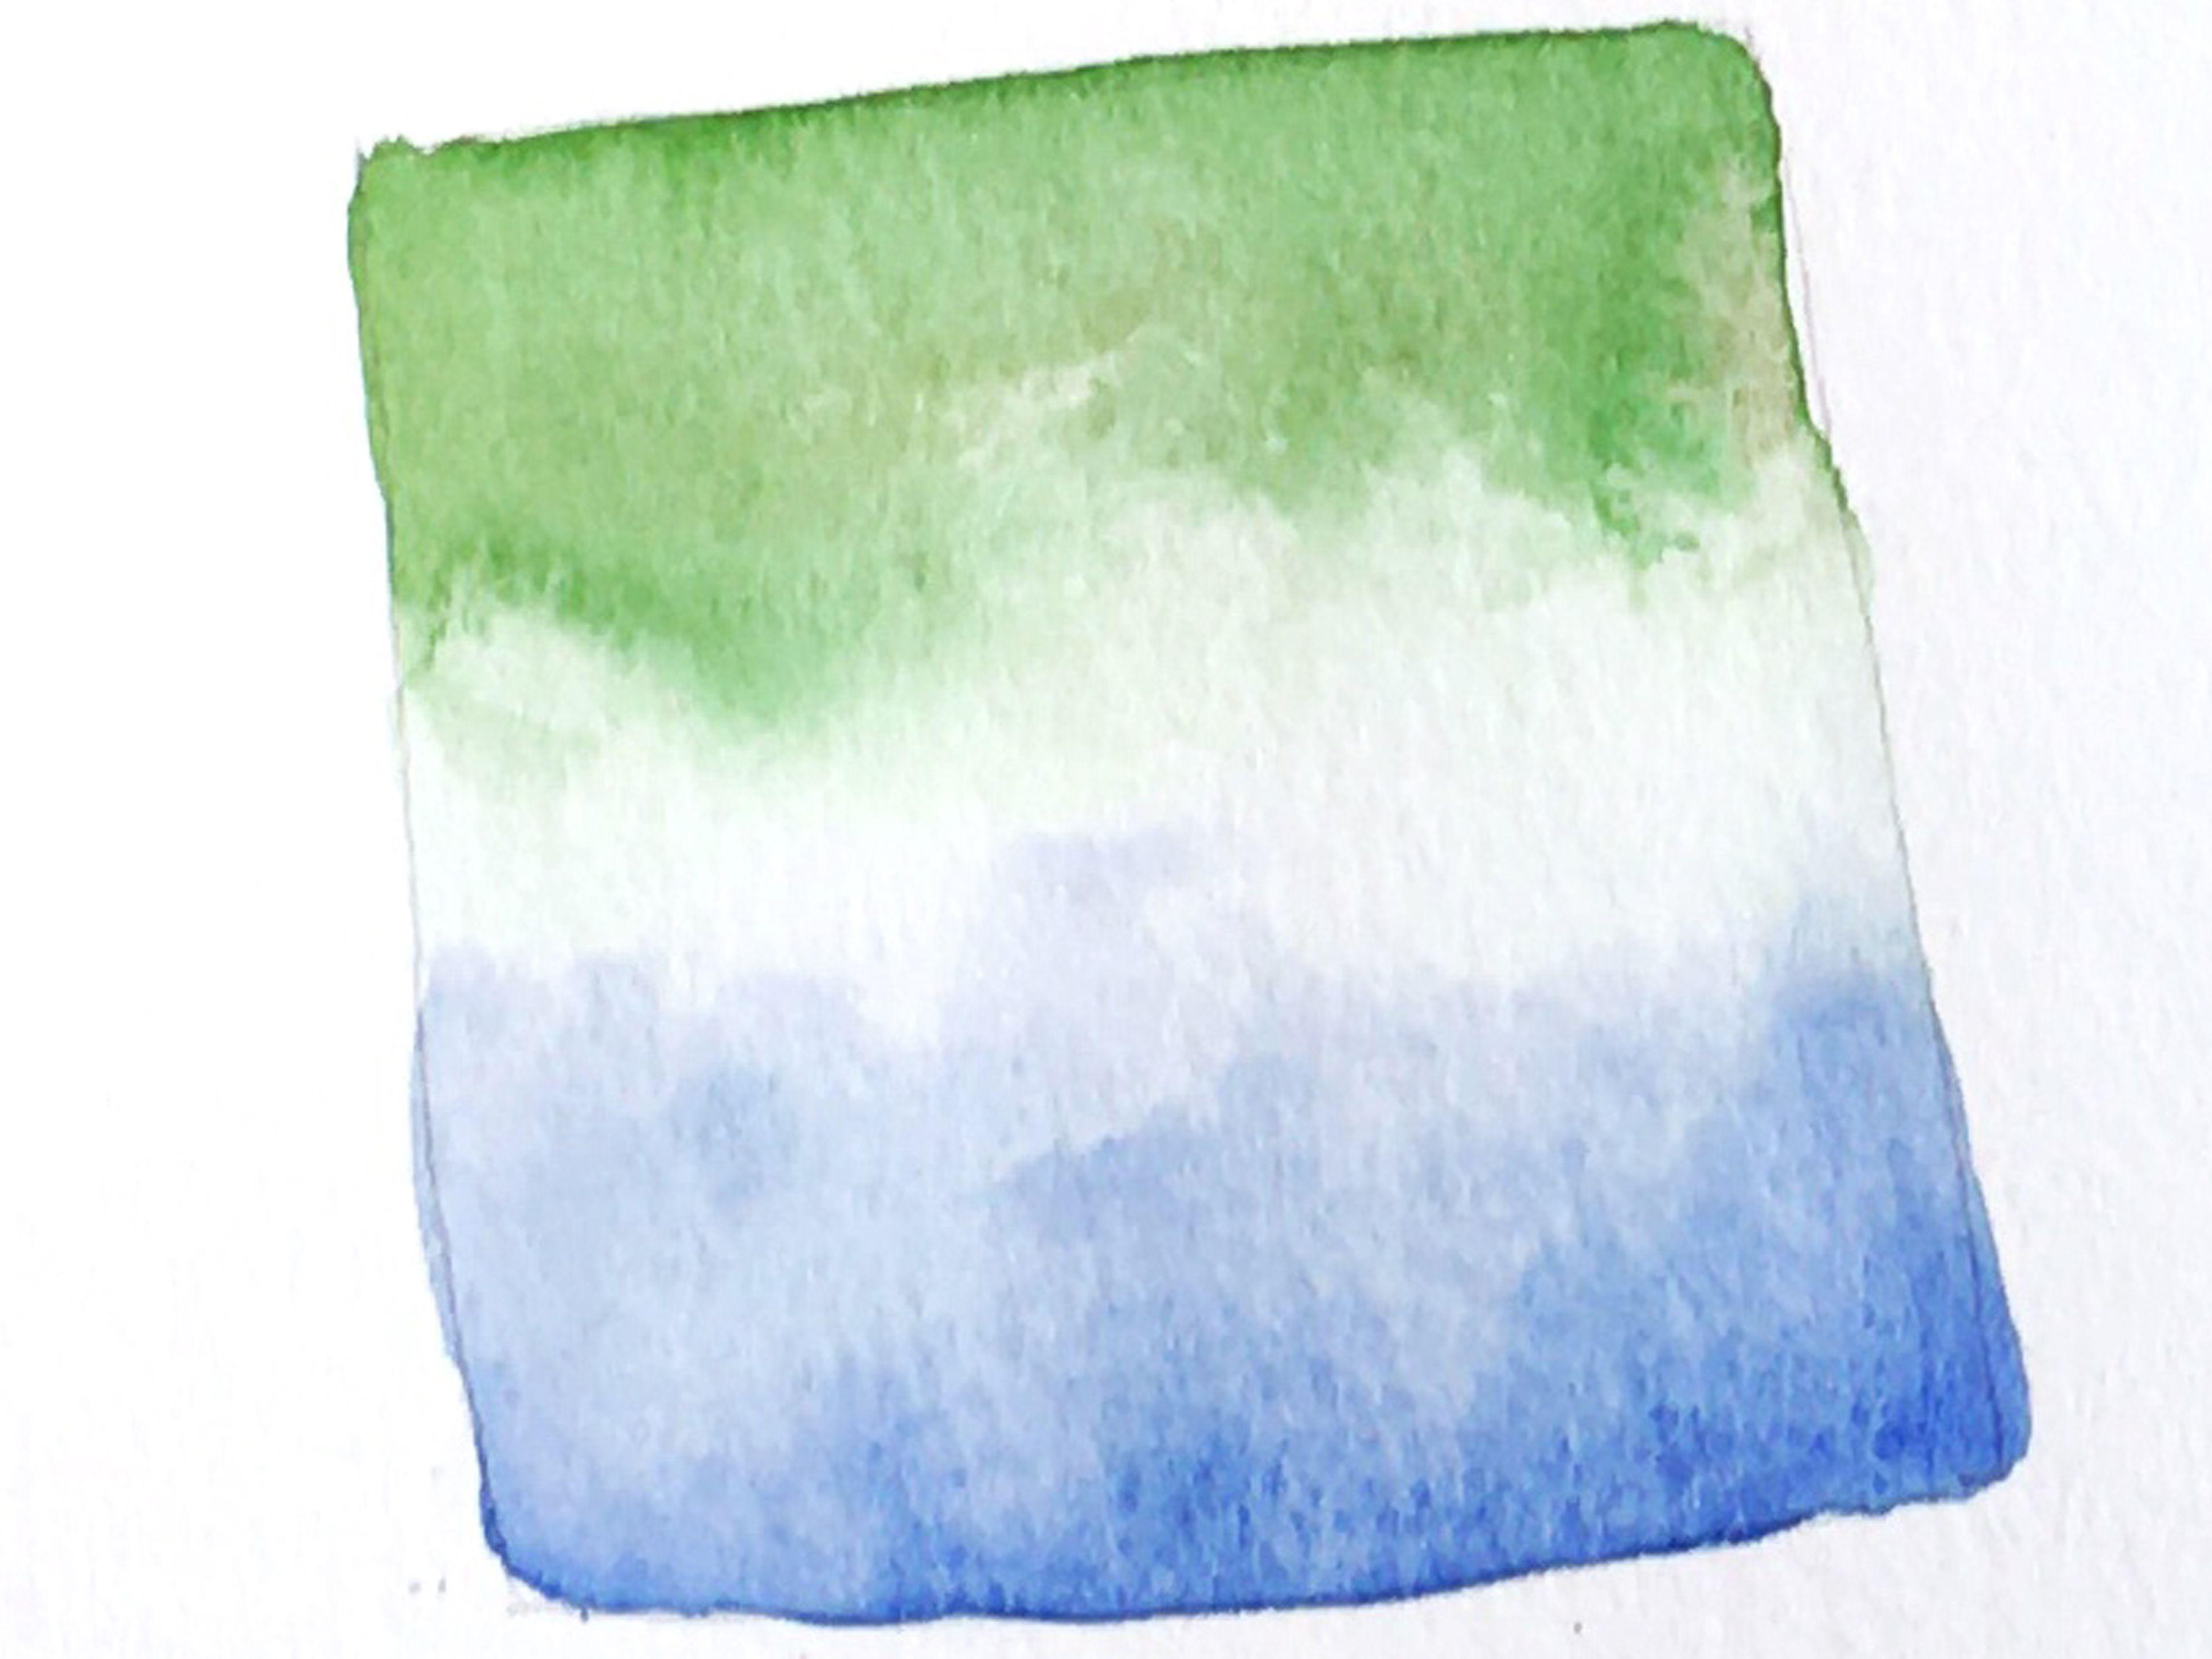 Degradado de dos colores de acuarela con el centro en blanco